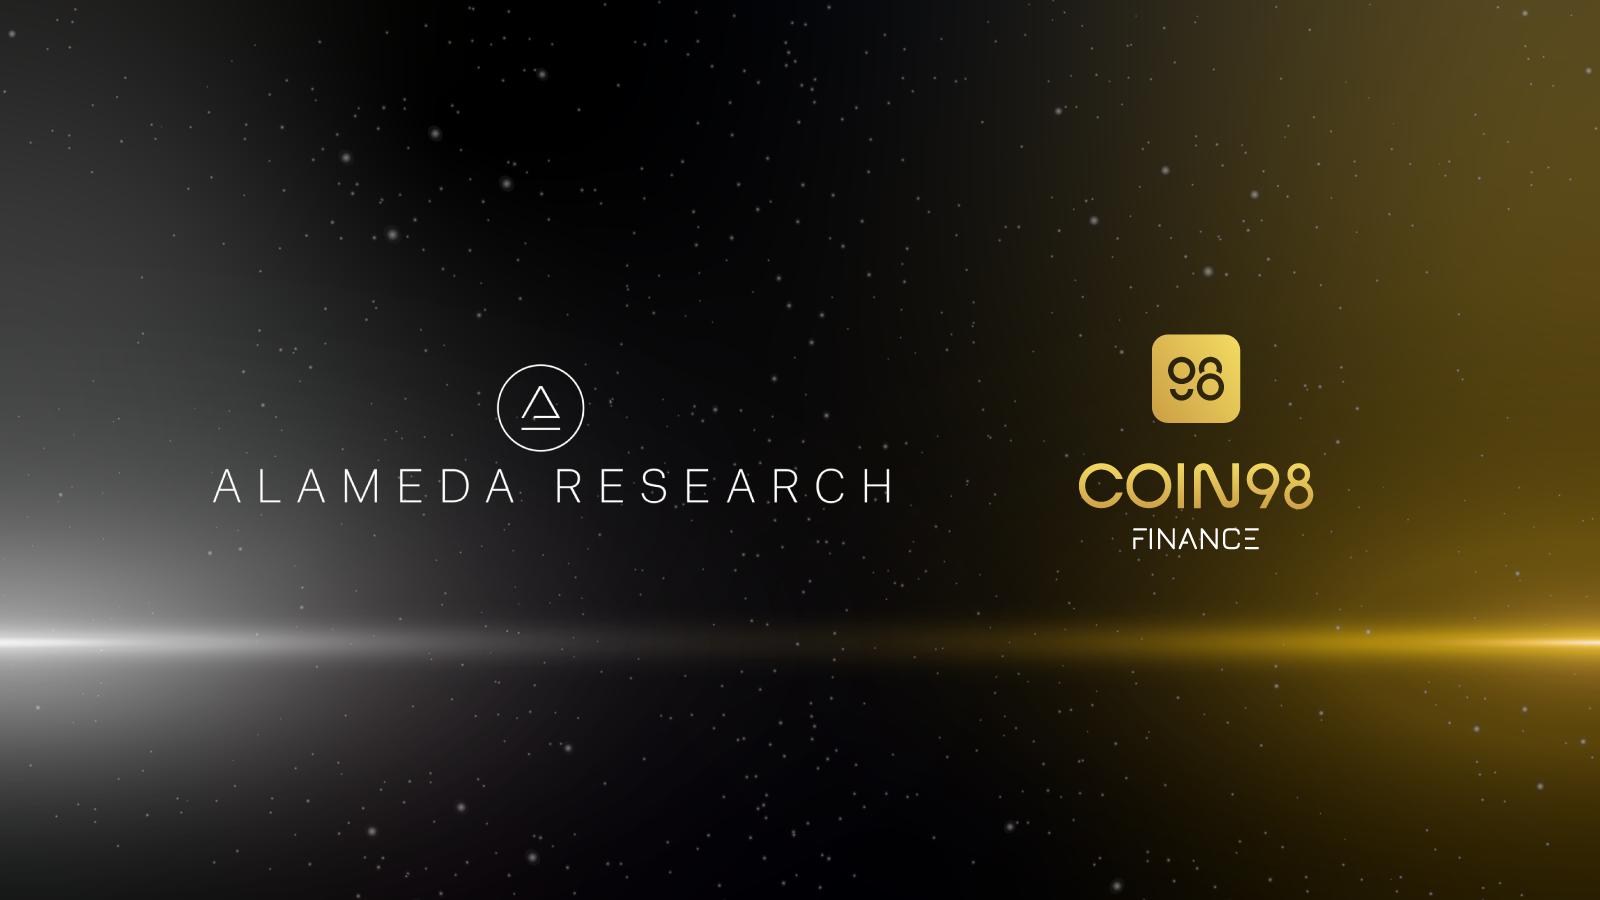 Alameda Research đầu tư 4 triệu USD vào Coin98 Finance